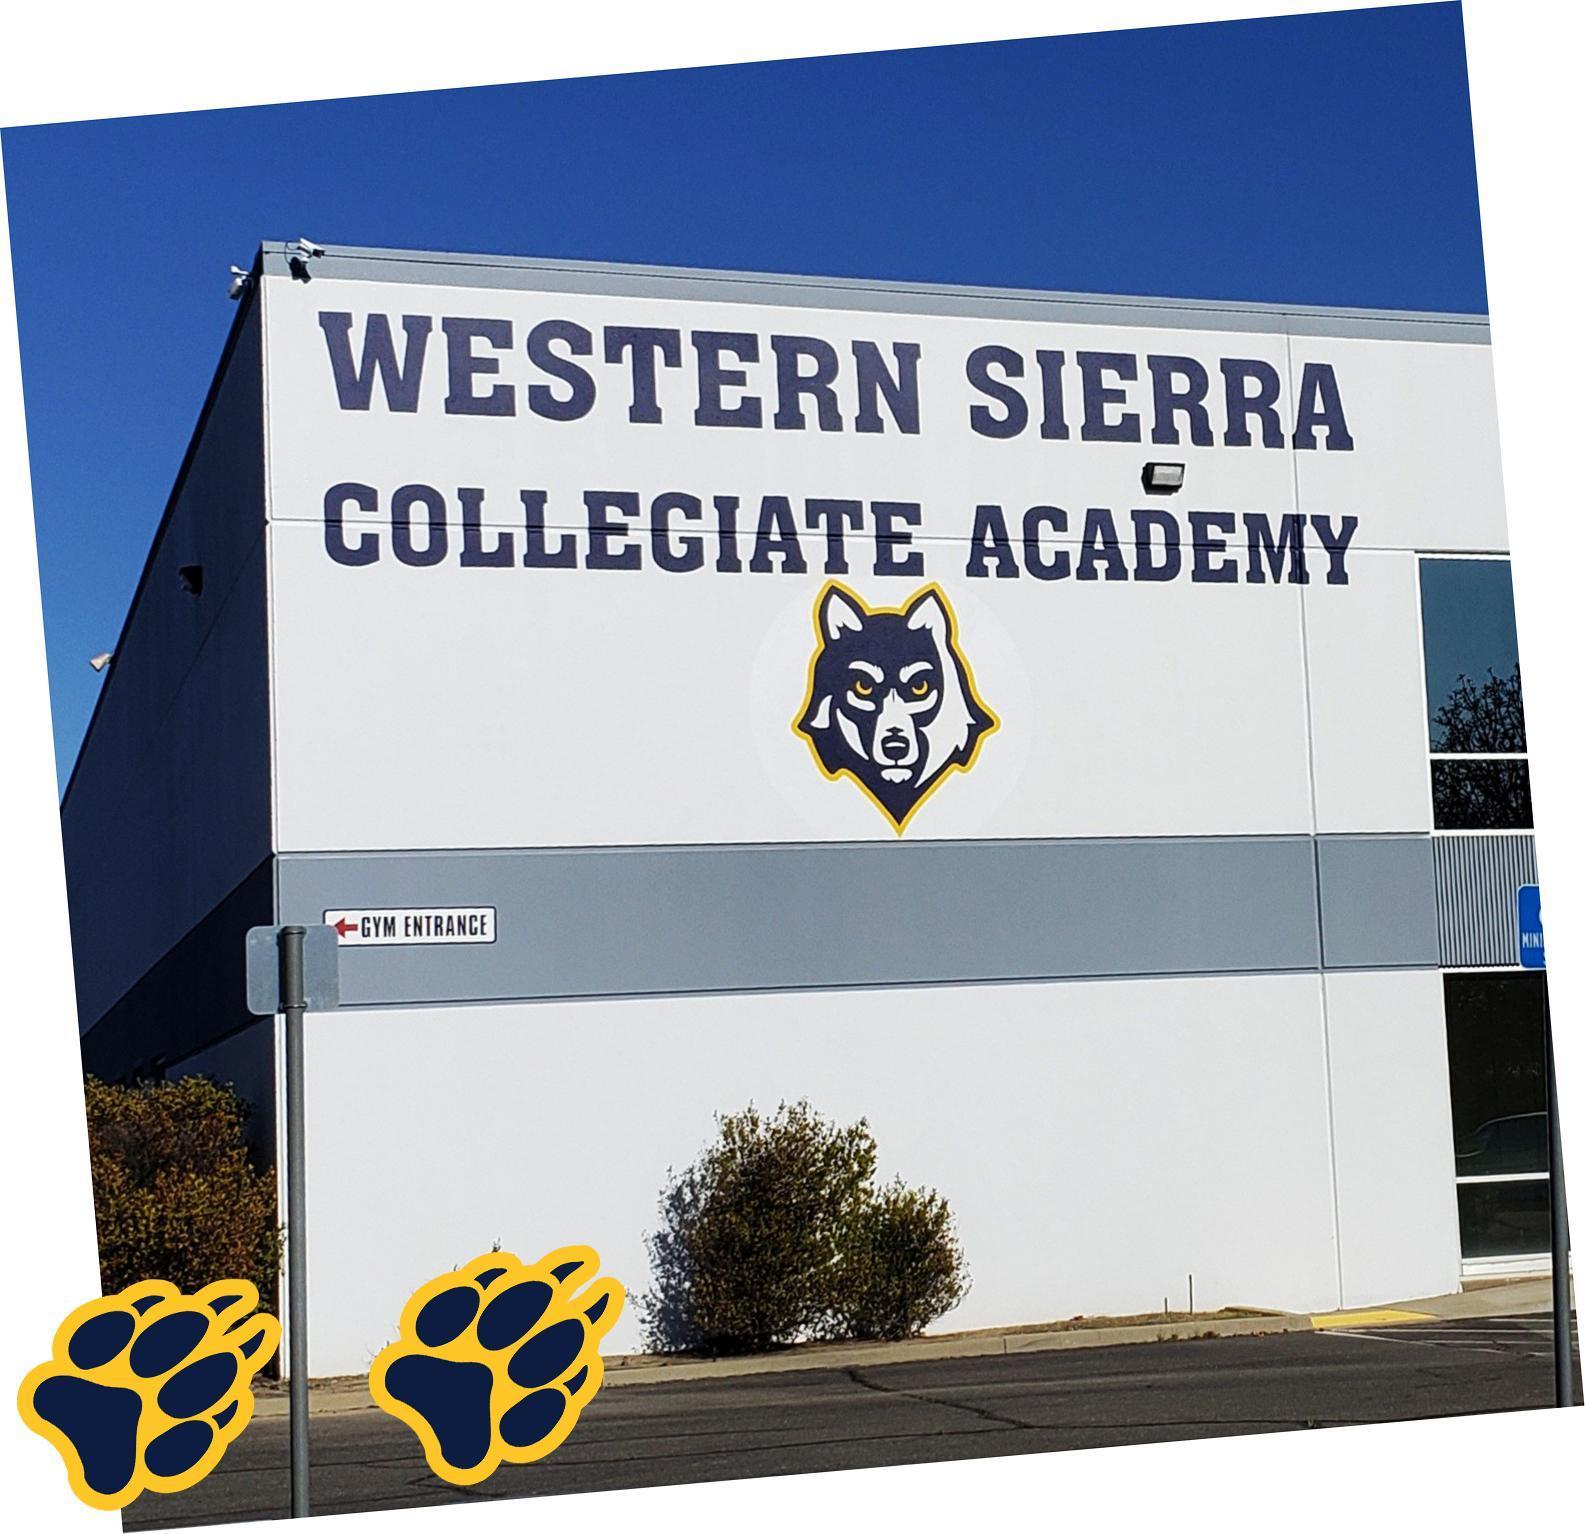 Western Sierra building